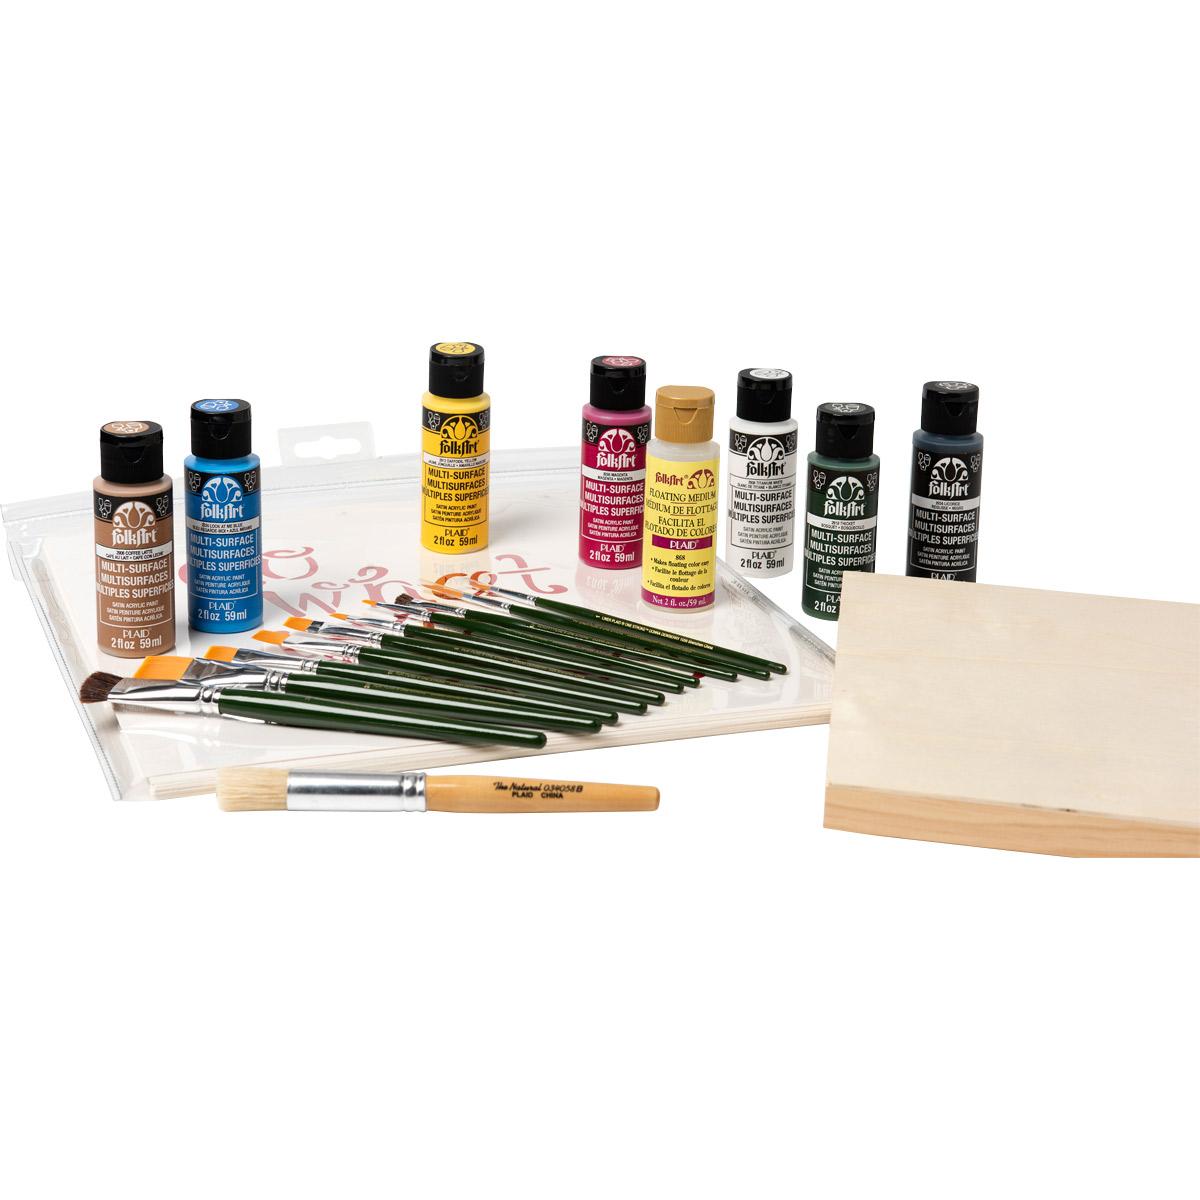 FolkArt ® One Stroke™ Sign Making Kit